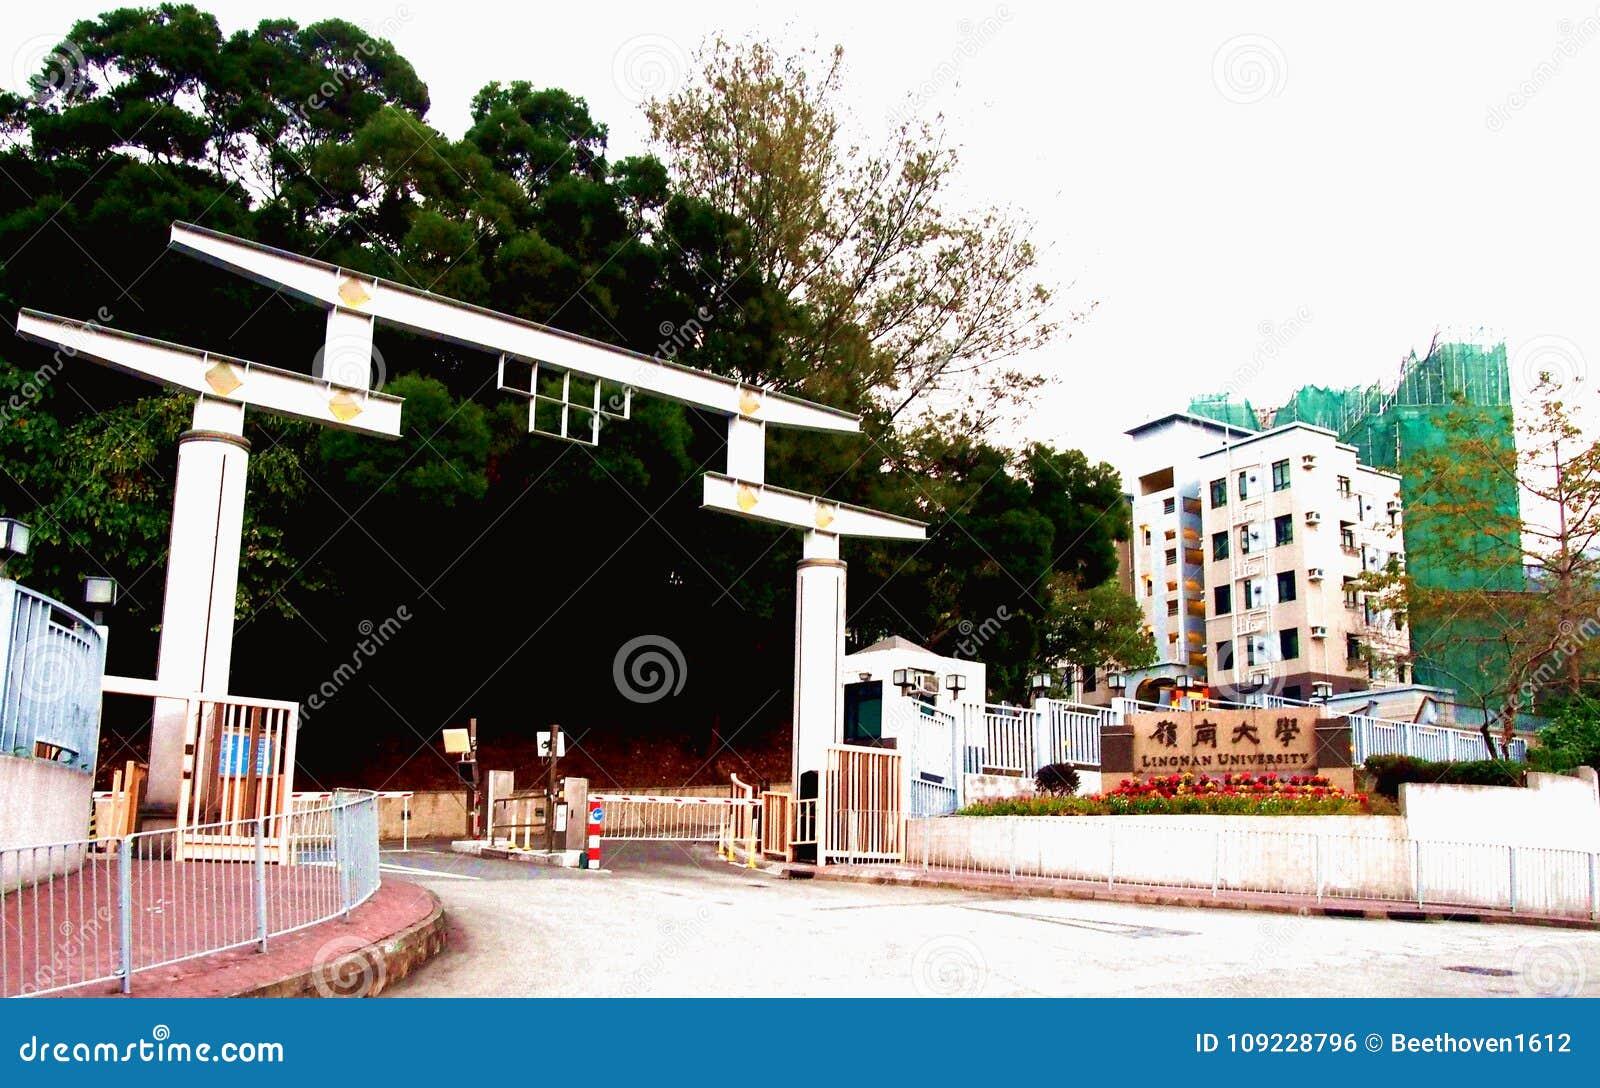 Πανεπιστήμιο Lingnan στο Χονγκ Κονγκ